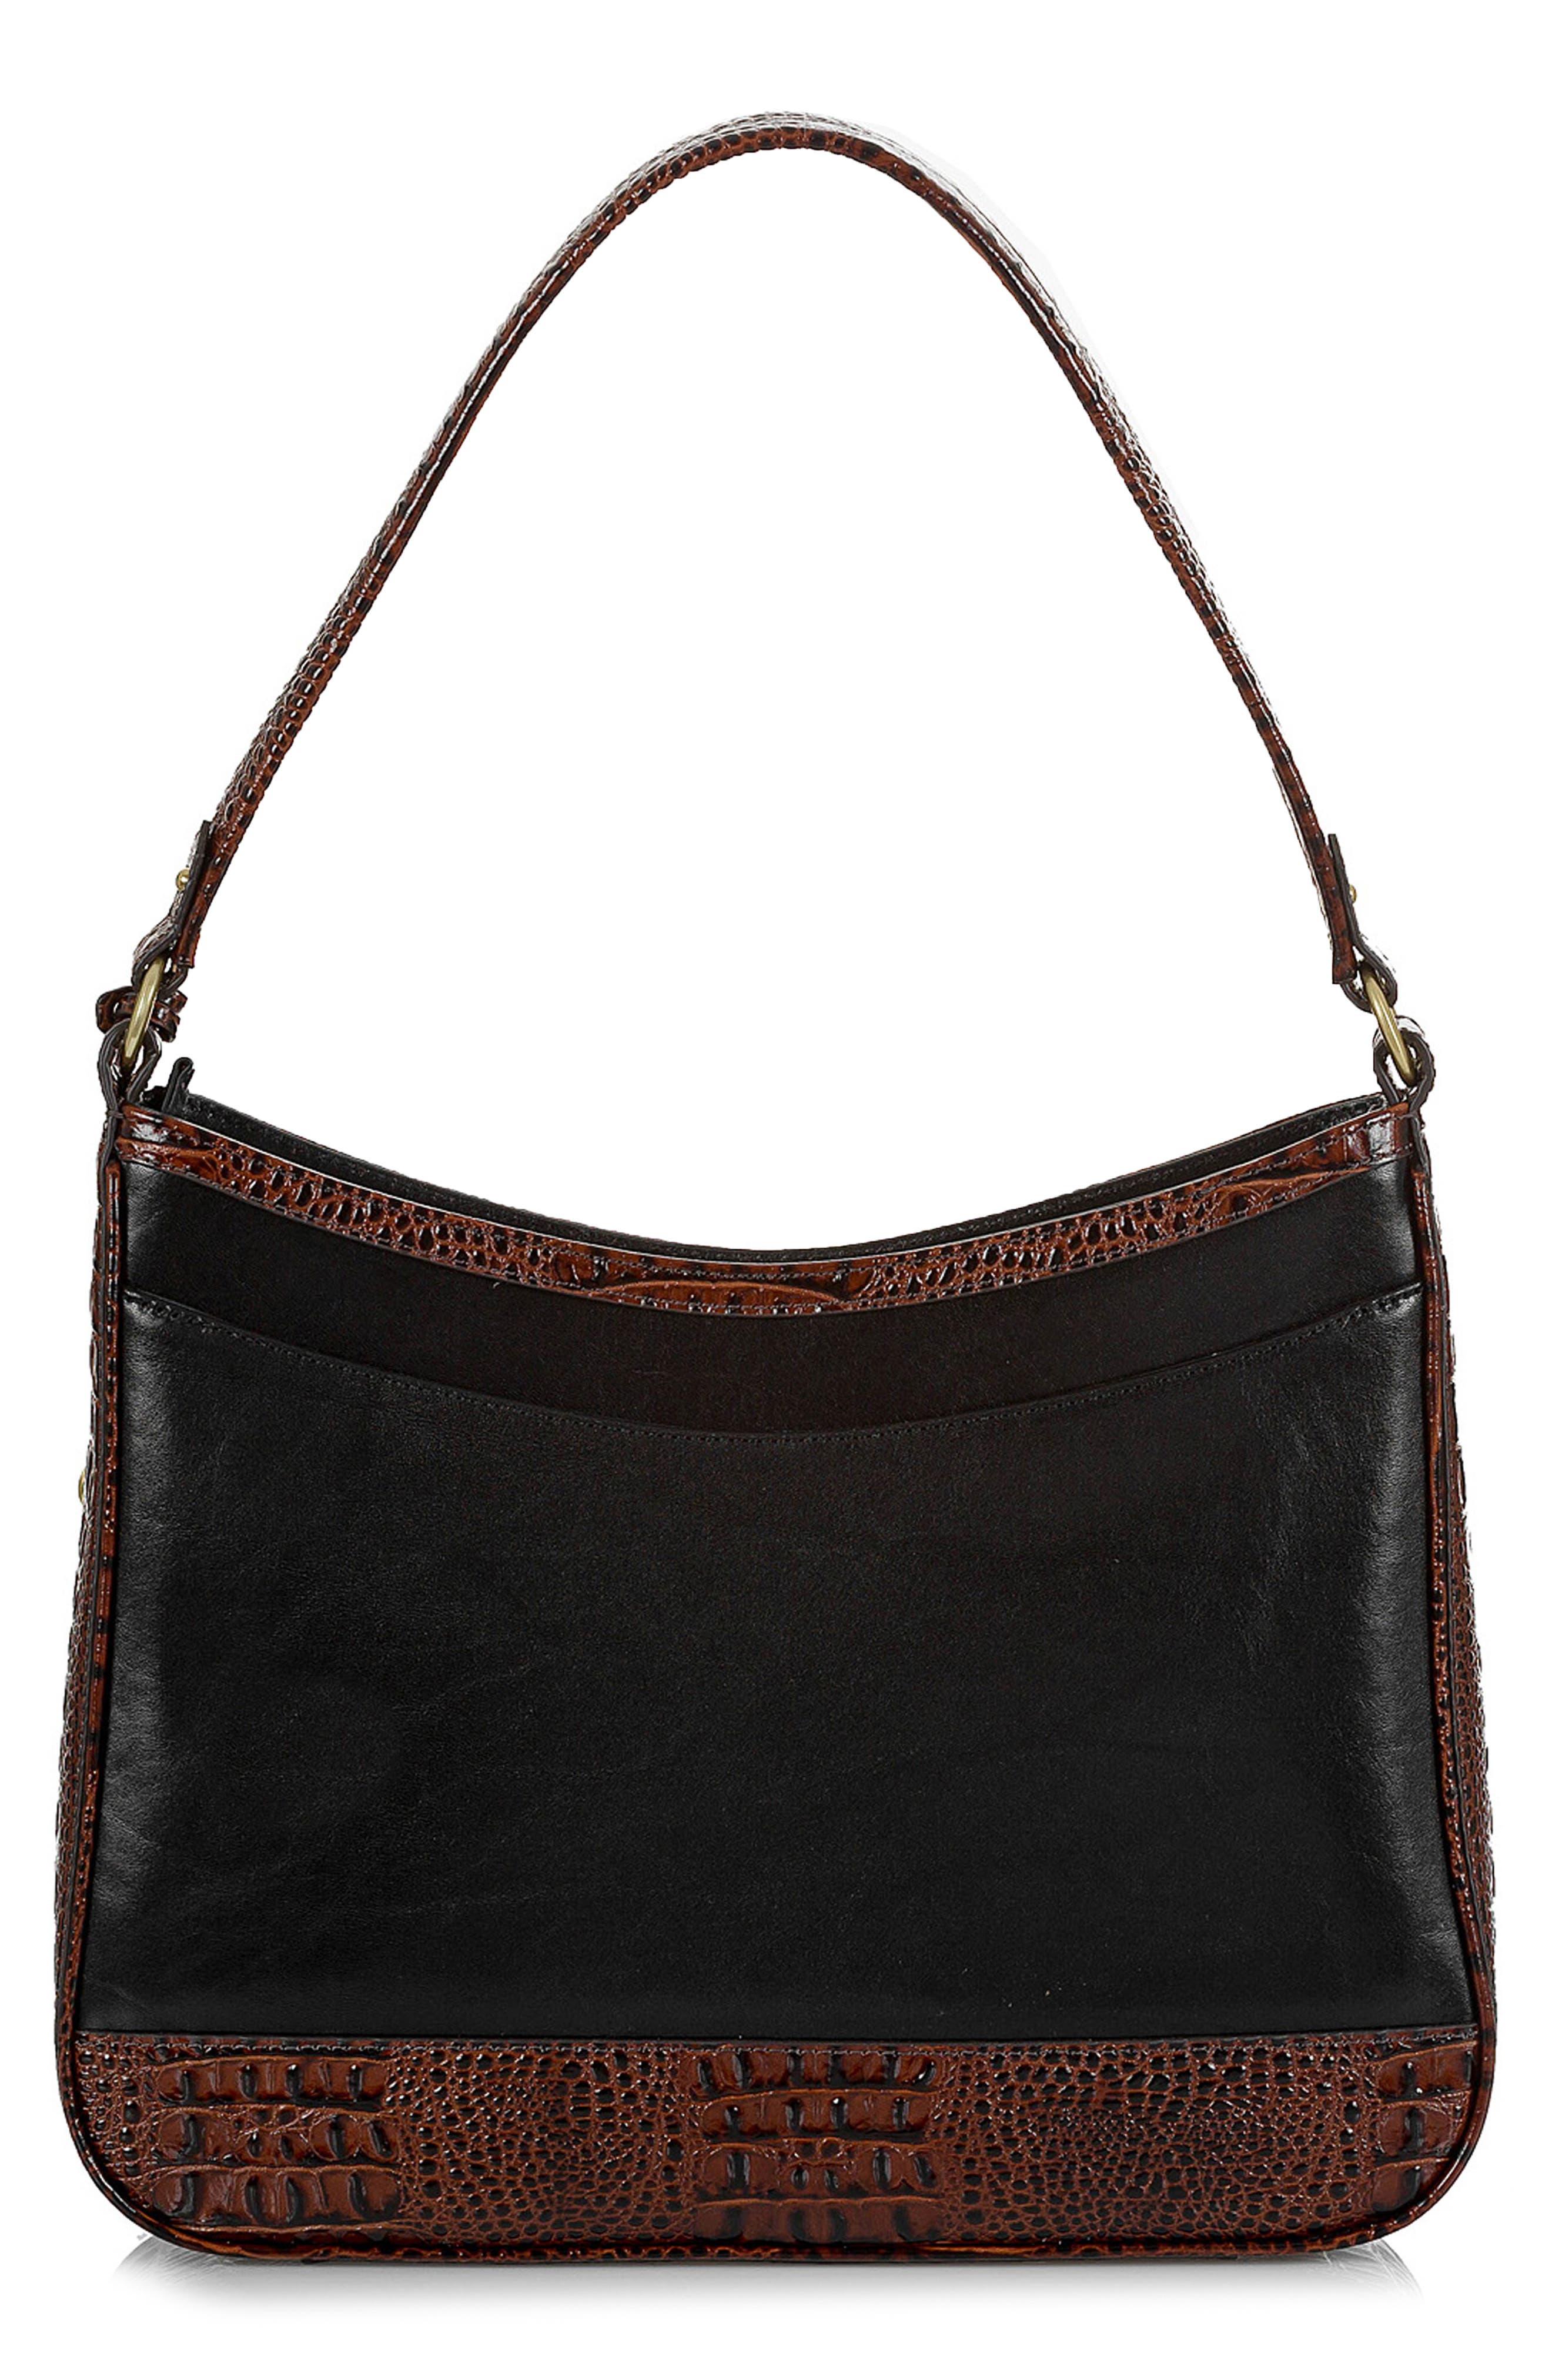 BRAHMIN, Noelle Leather Hobo Bag, Alternate thumbnail 3, color, 001